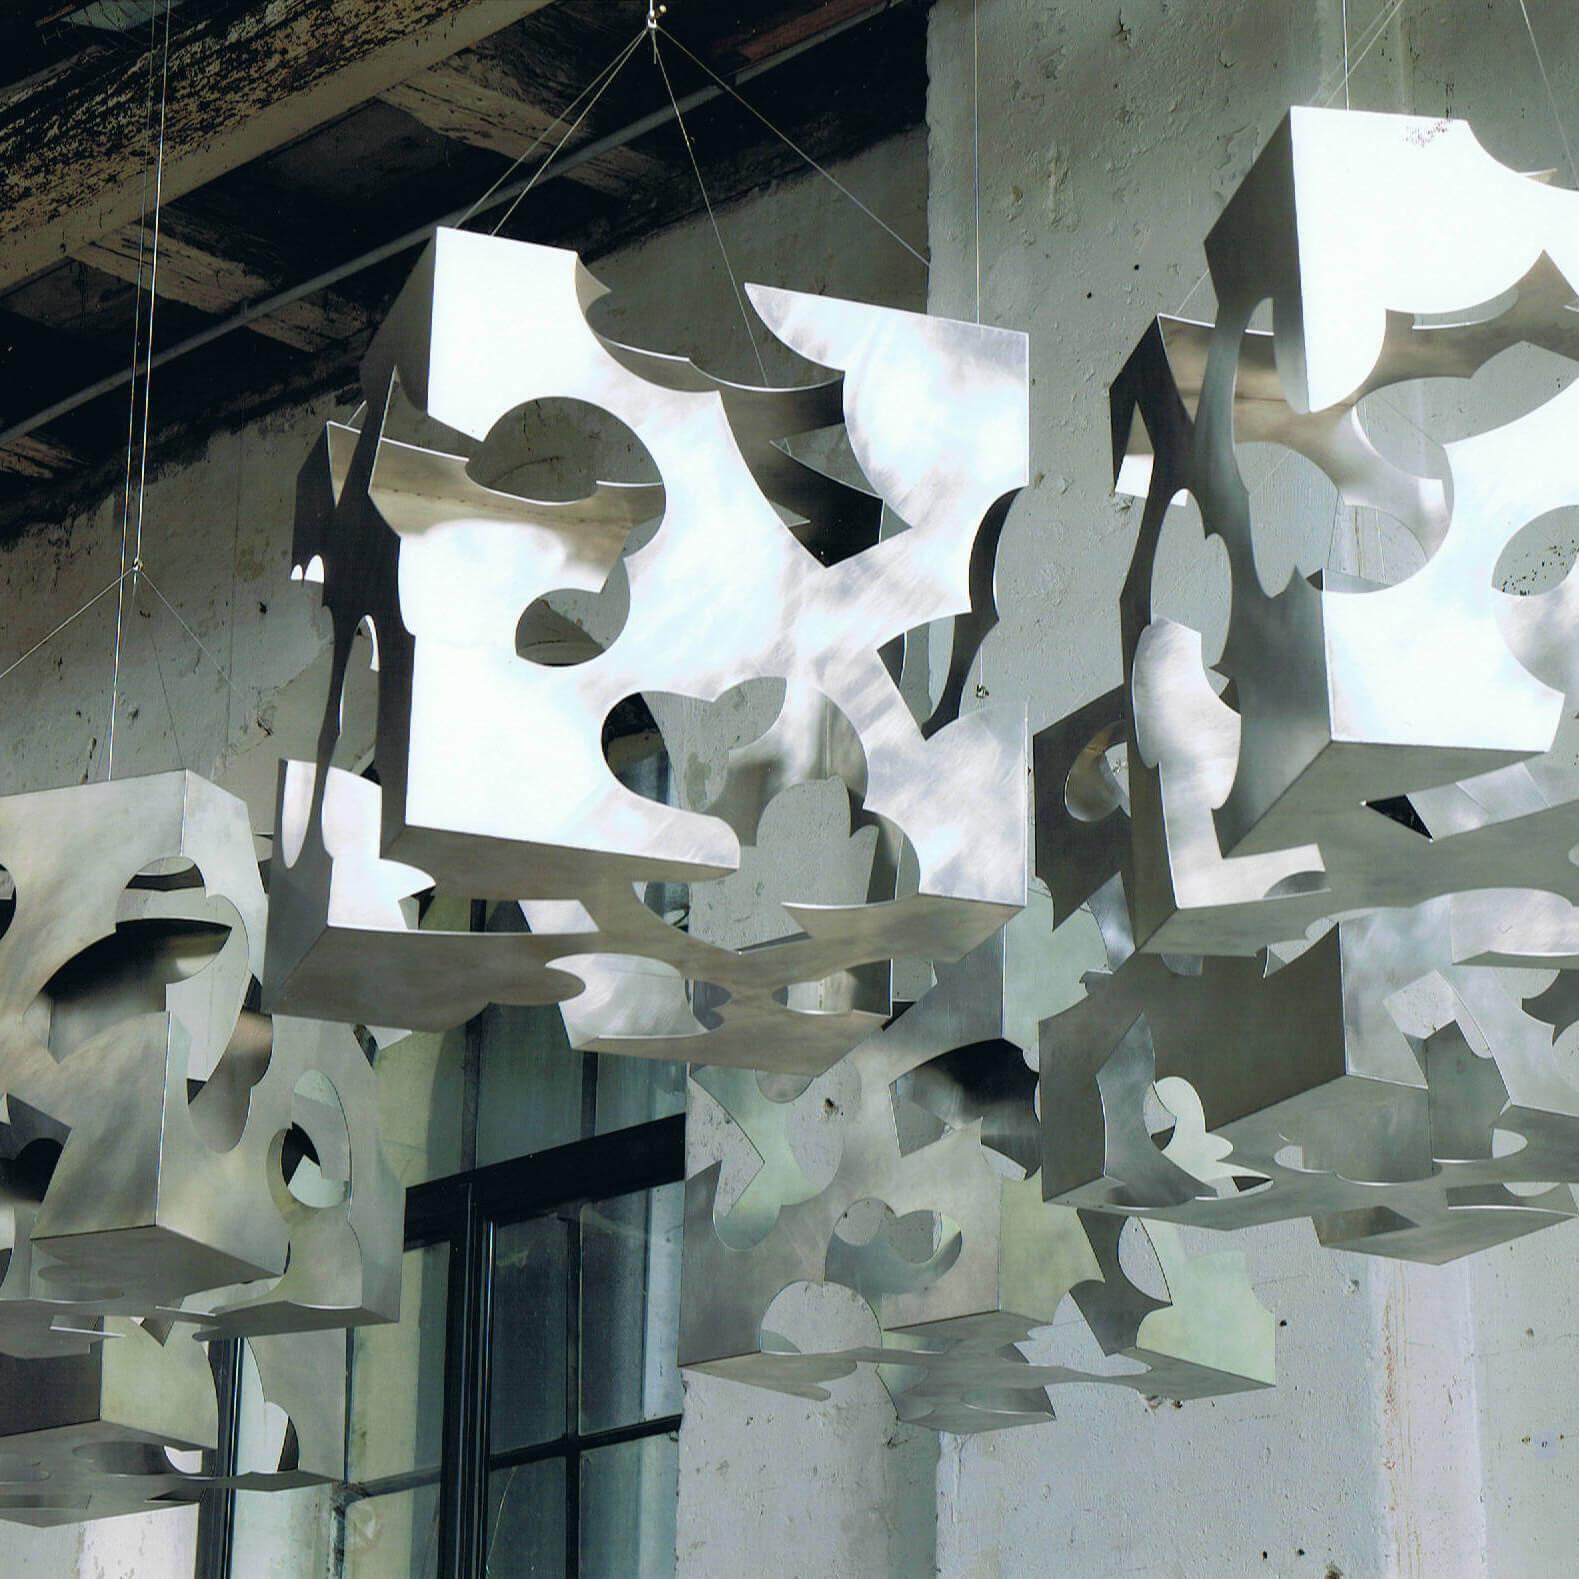 Barbara Jäger Malerei Skulptur Karlsruhe Hängende Gärten Zeche Zollverein Essen